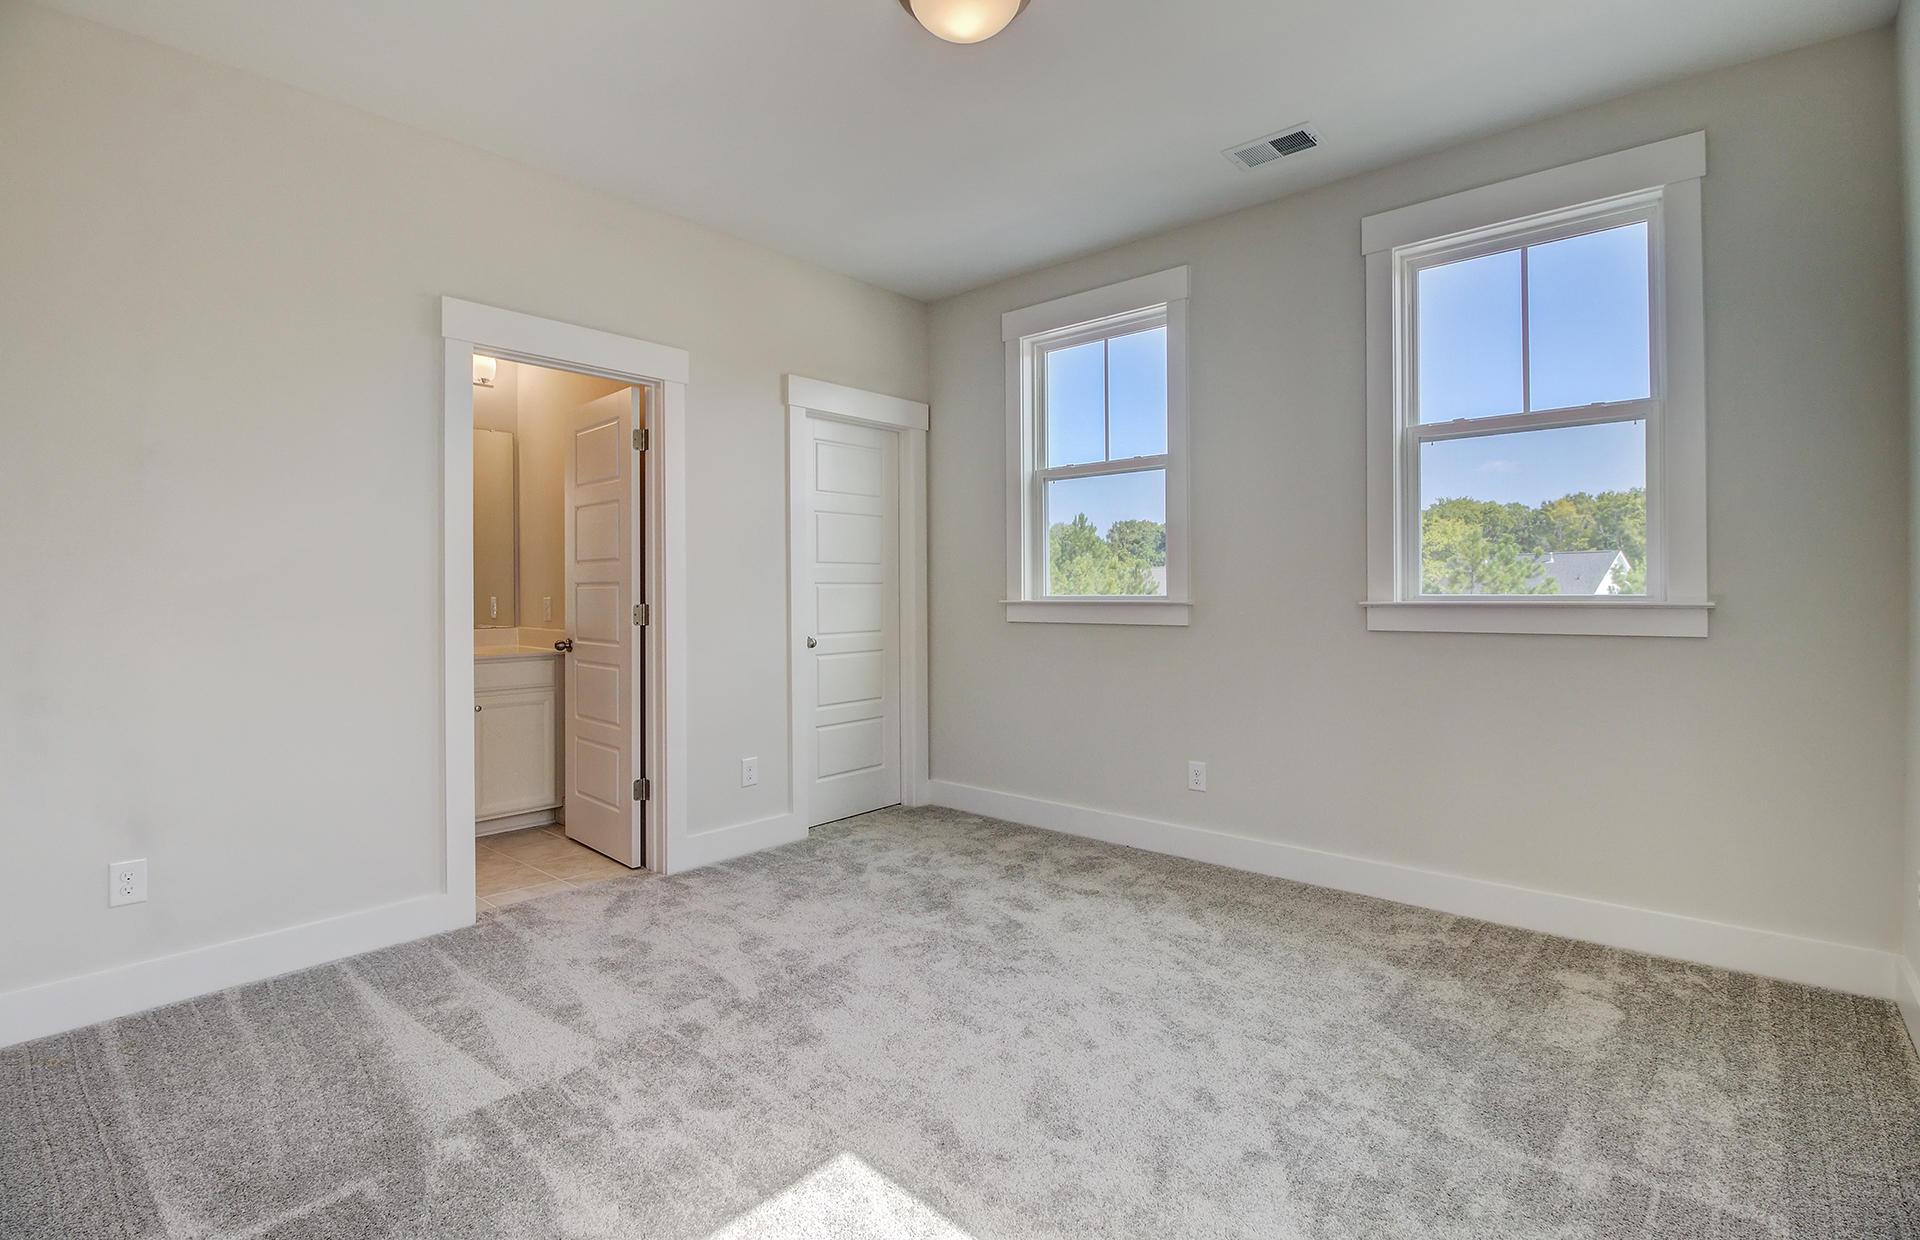 Fulton Park Homes For Sale - 2441 Giles, Mount Pleasant, SC - 15